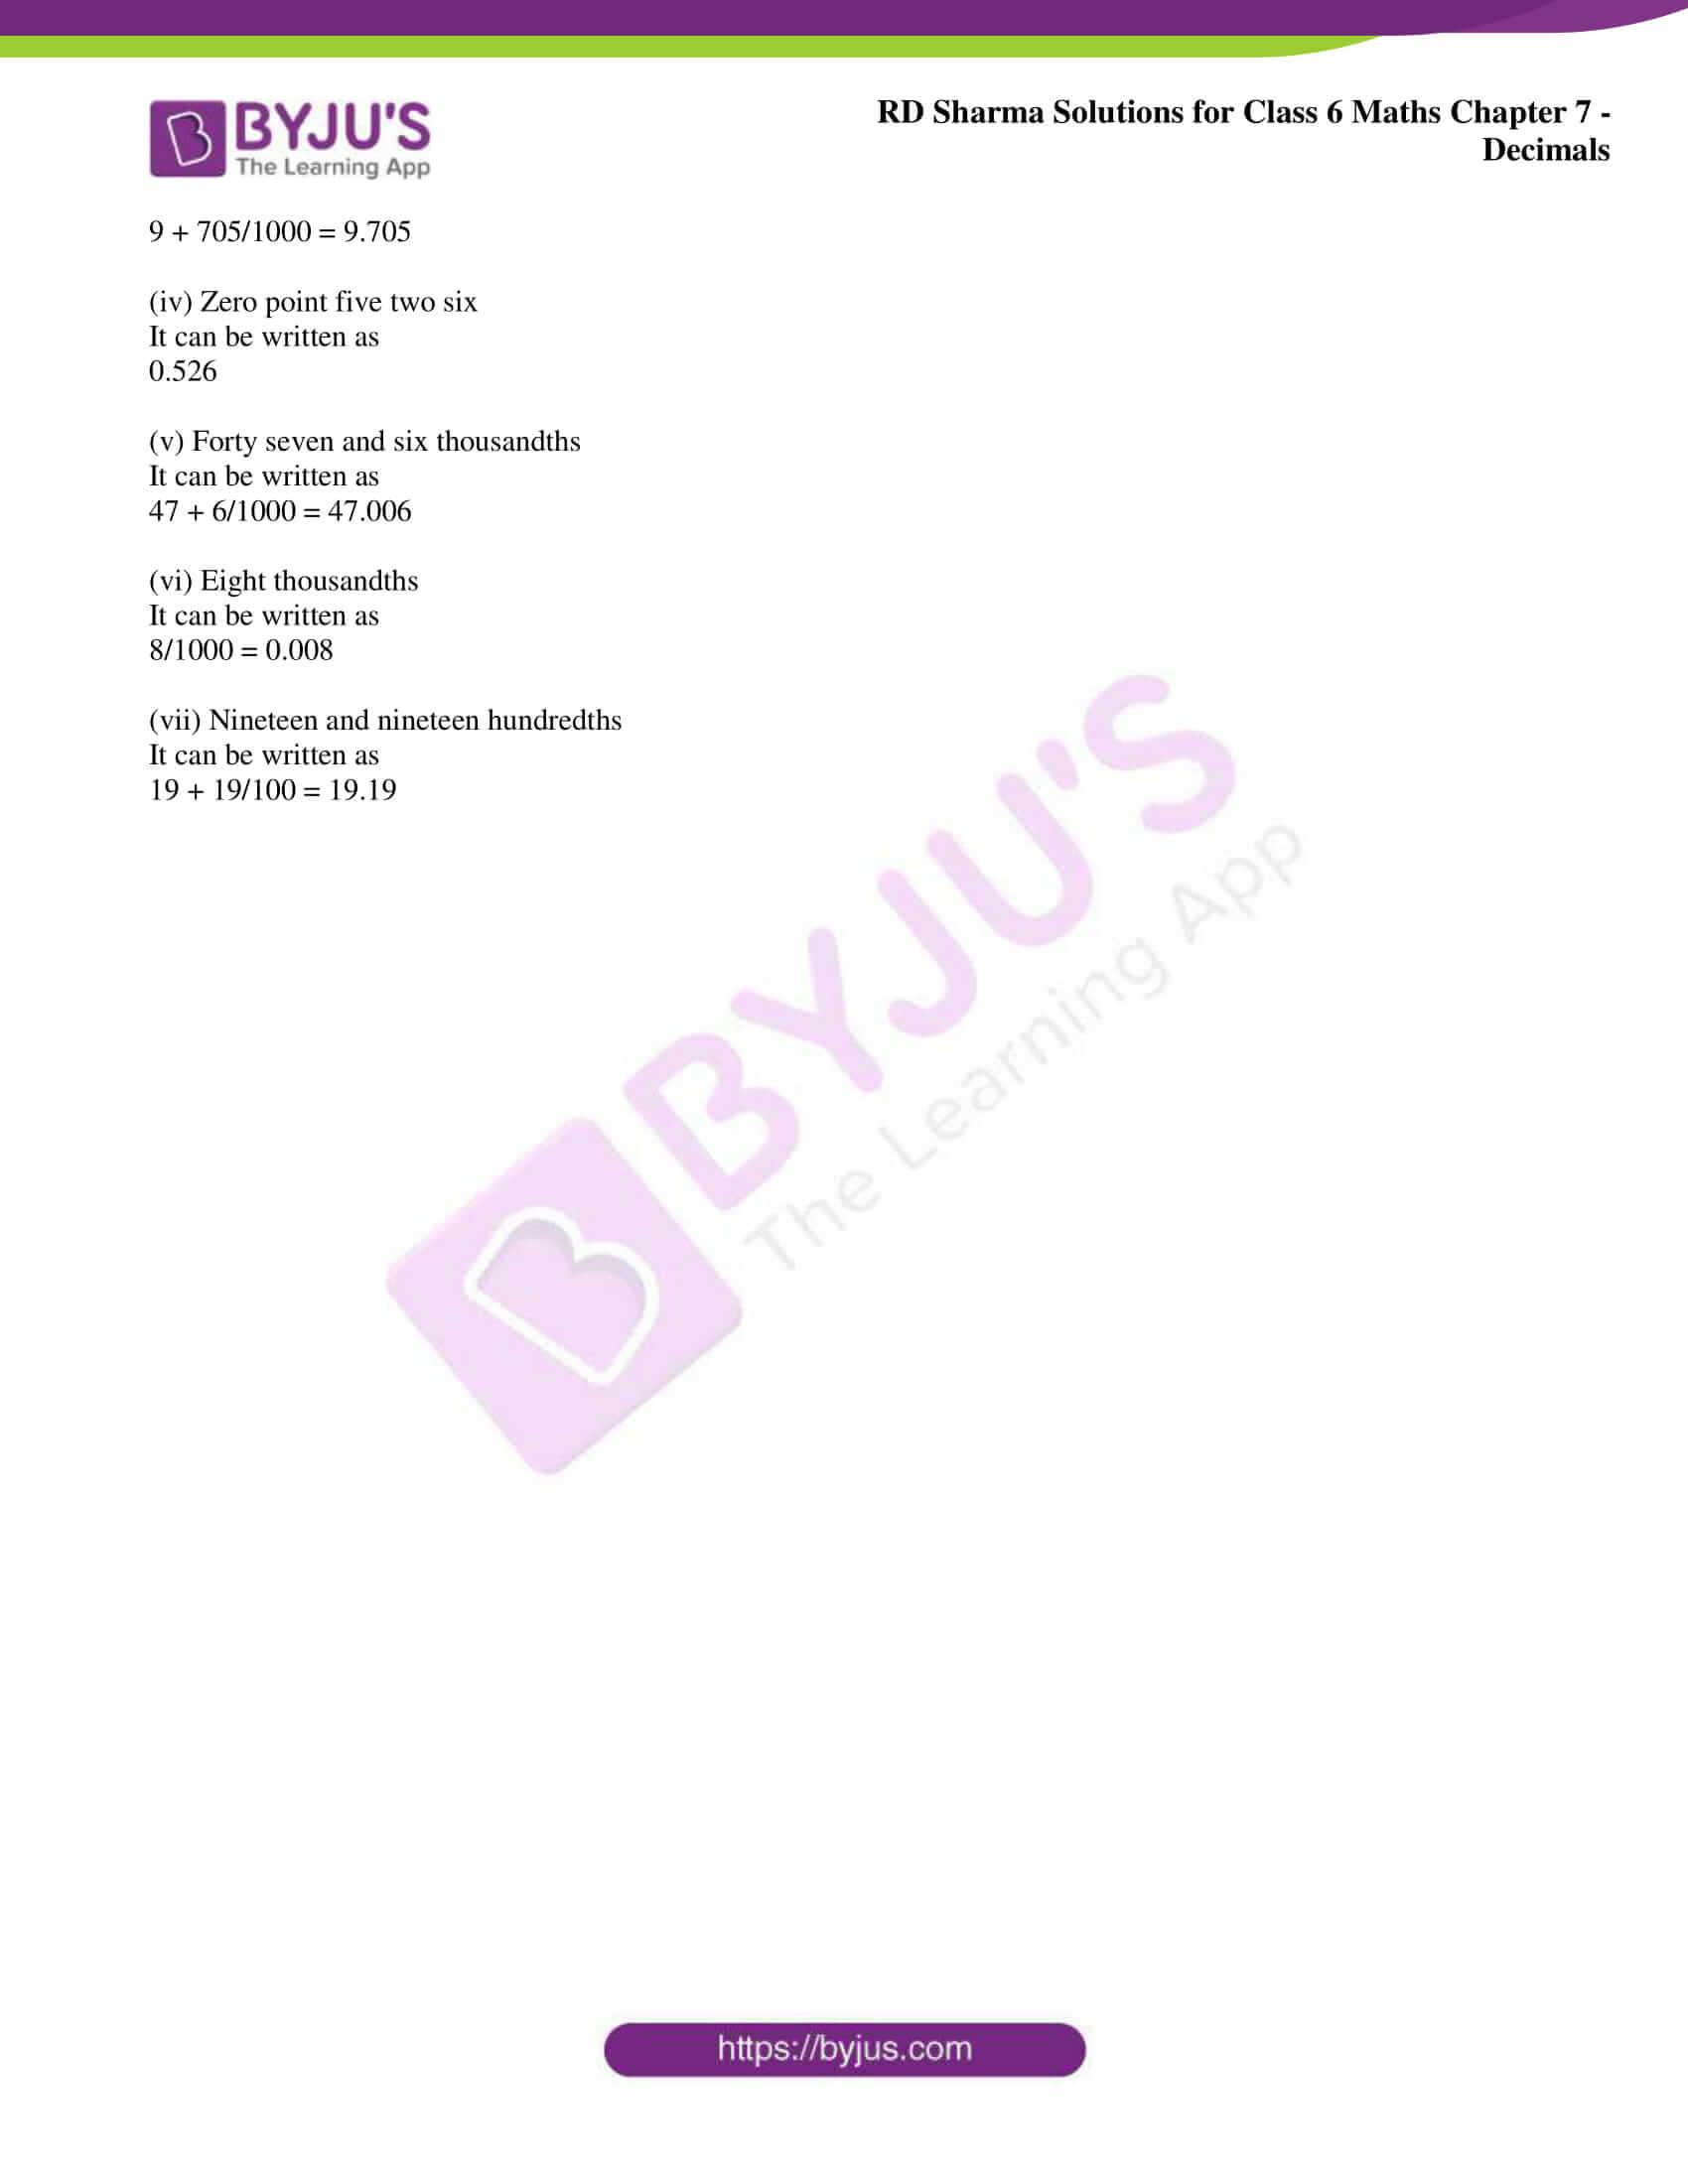 rd sharma class 6 maths solutions chapter 7 ex 1 3